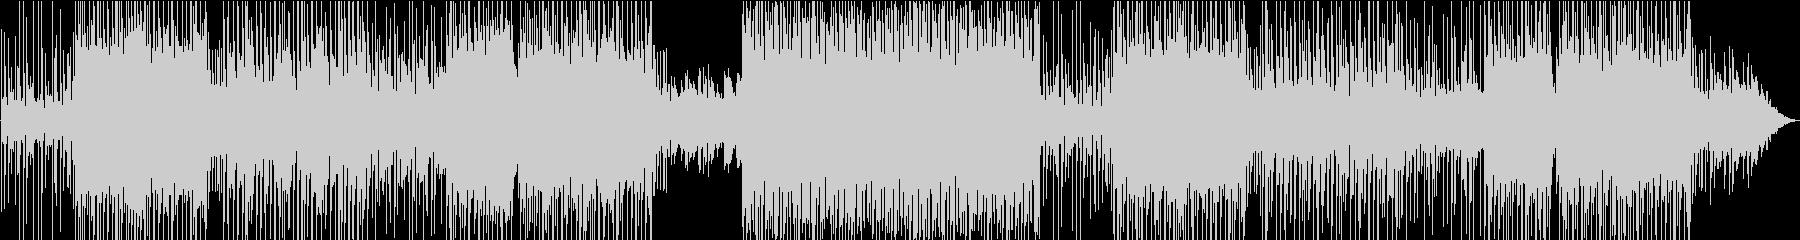 のんびりムードのファンタジー系EDMの未再生の波形